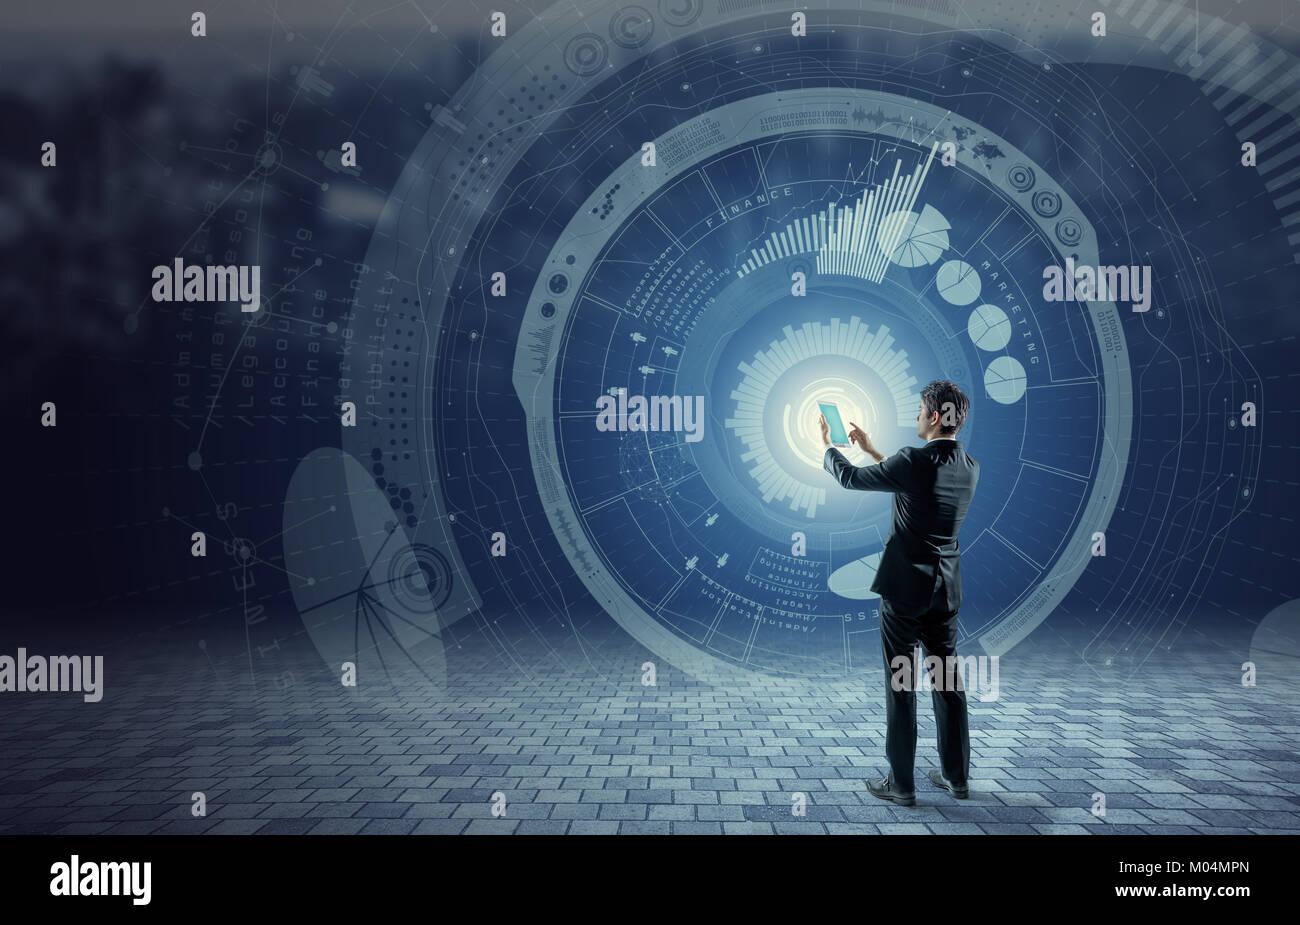 Wirtschaft und Technologie Konzept, Technologie, Internet der Dinge, abstraktes Bild visual Stockbild